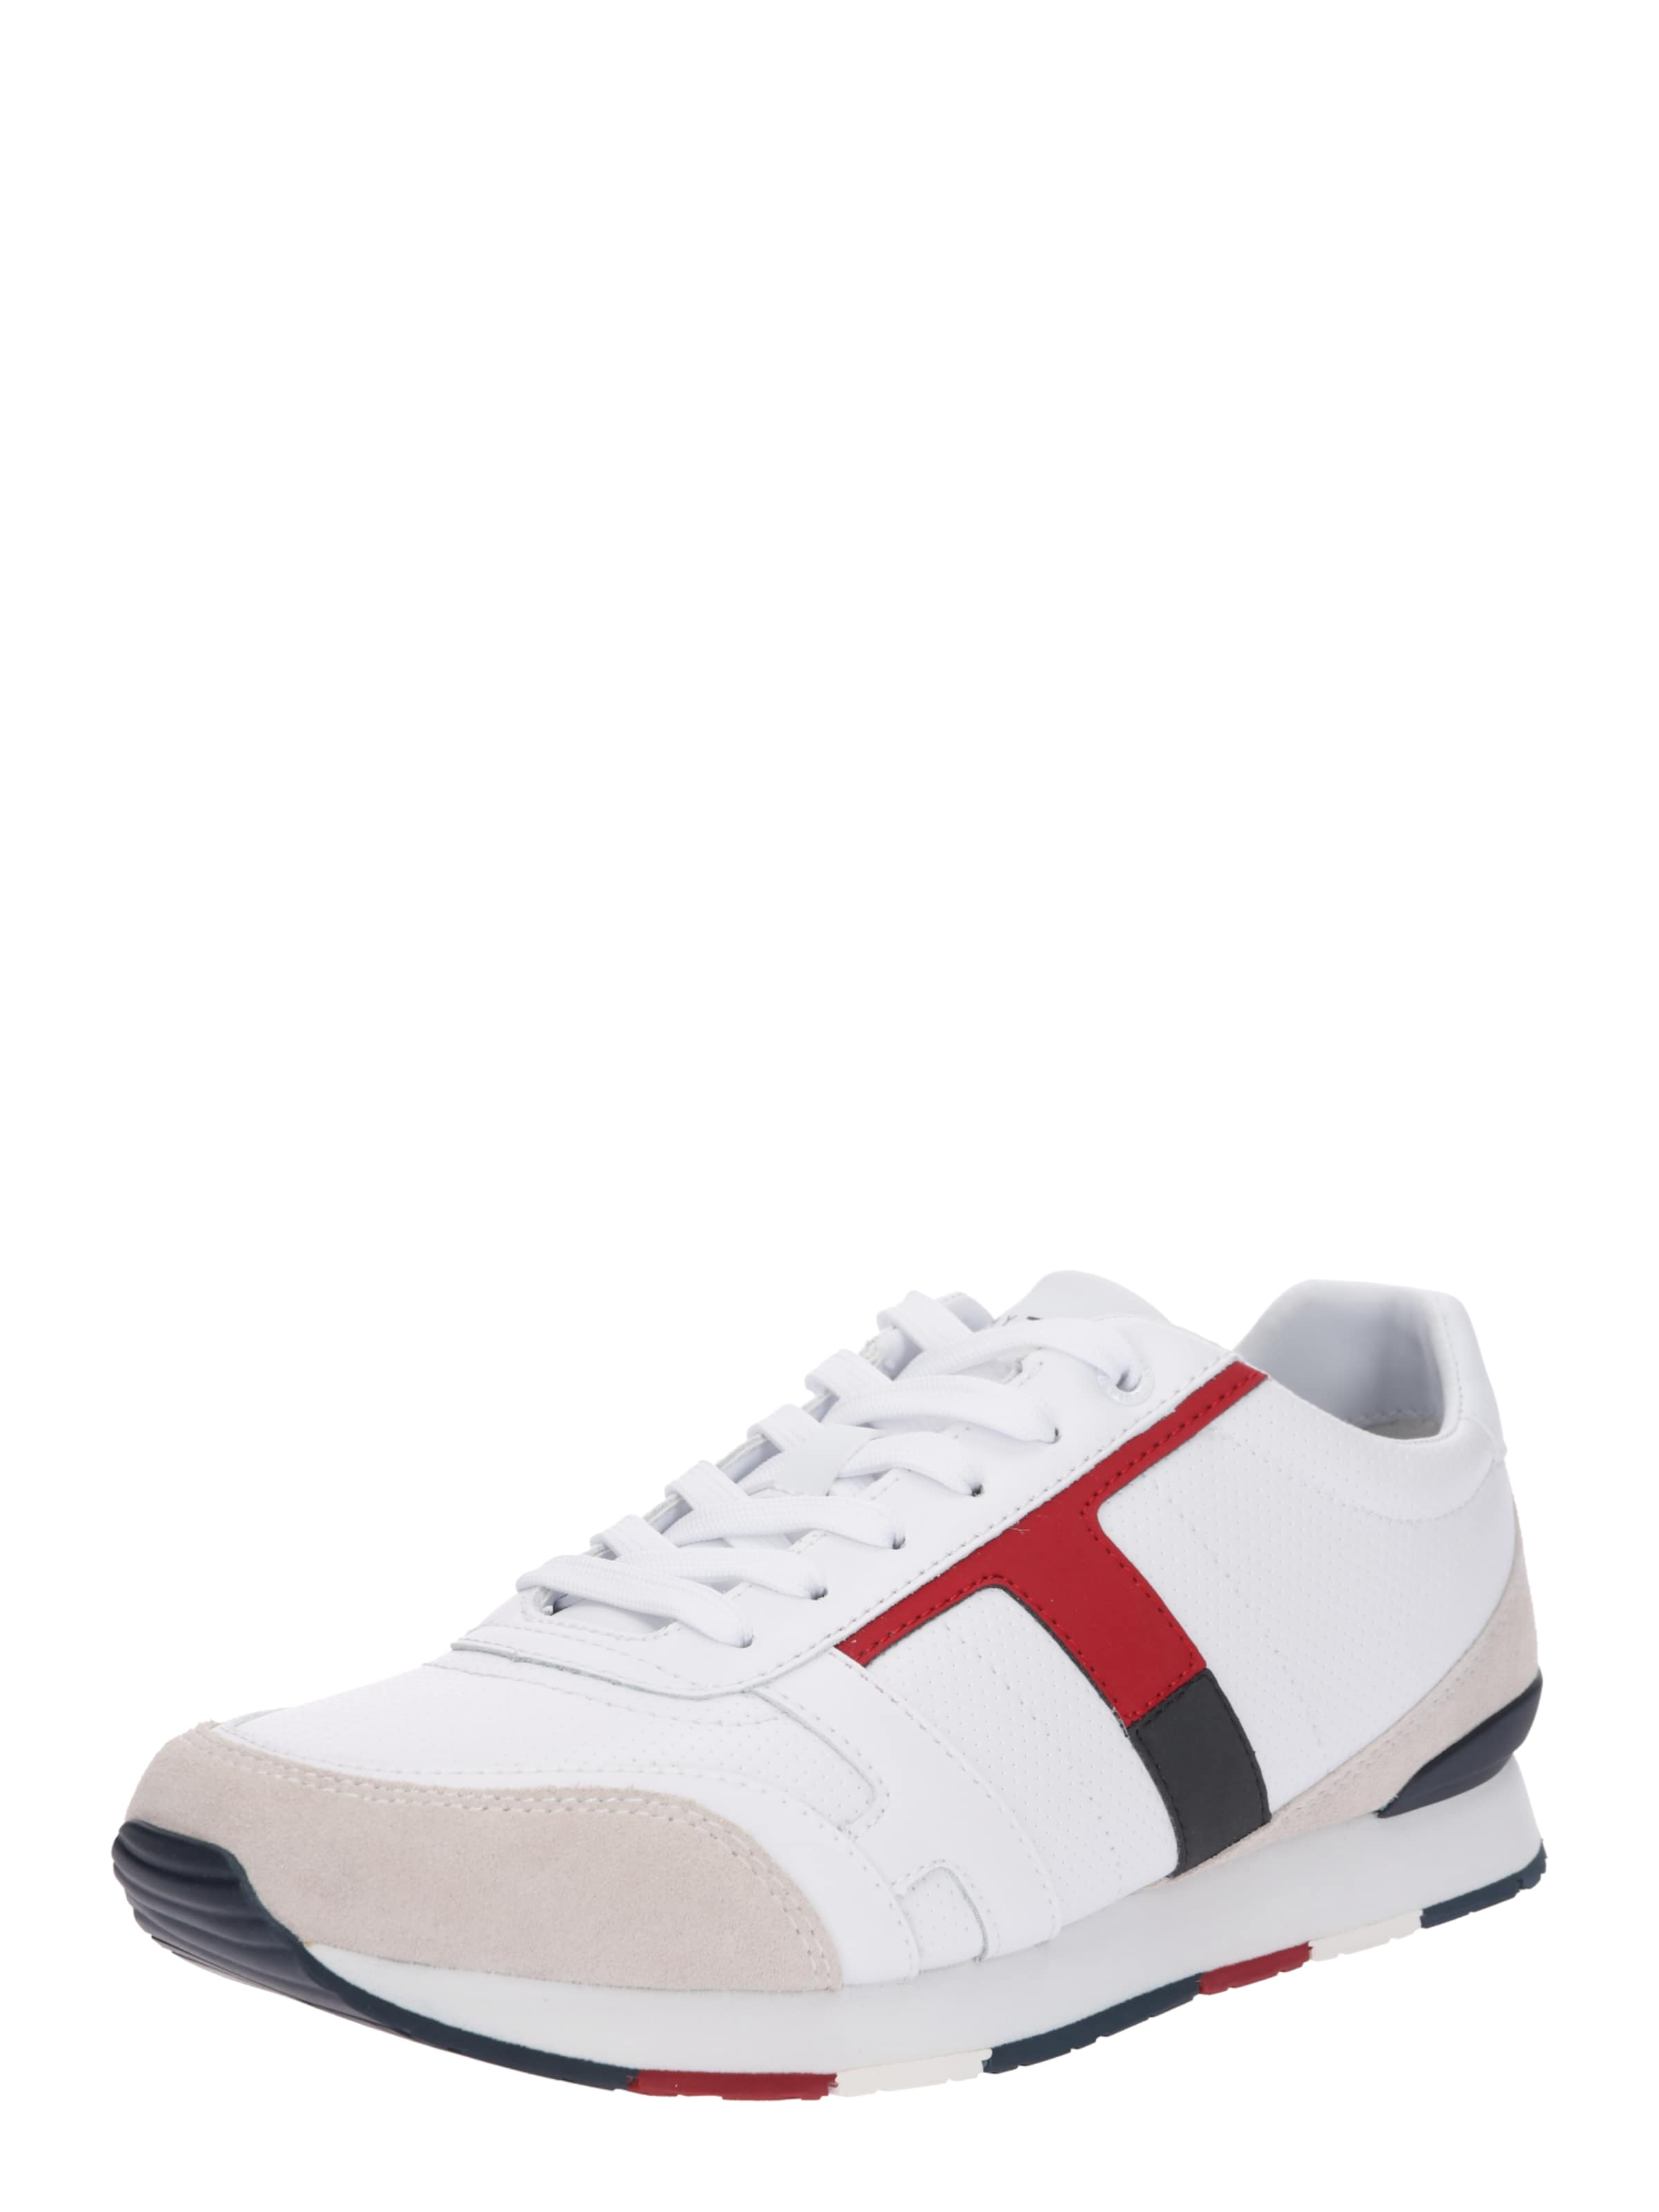 TOMMY HILFIGER Sneaker CORPORATE Verschleißfeste billige Schuhe